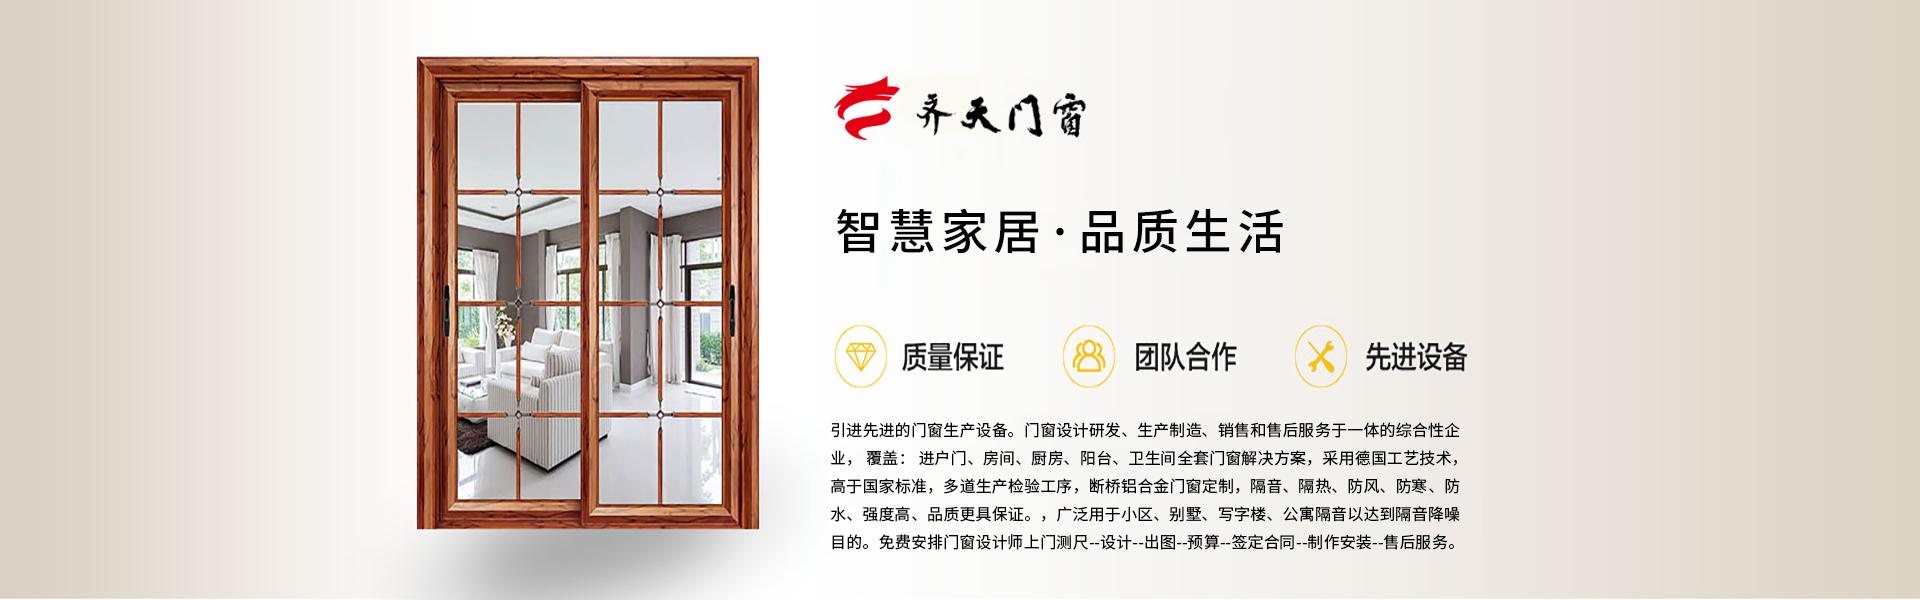 高端门窗·智慧家居·品质生活